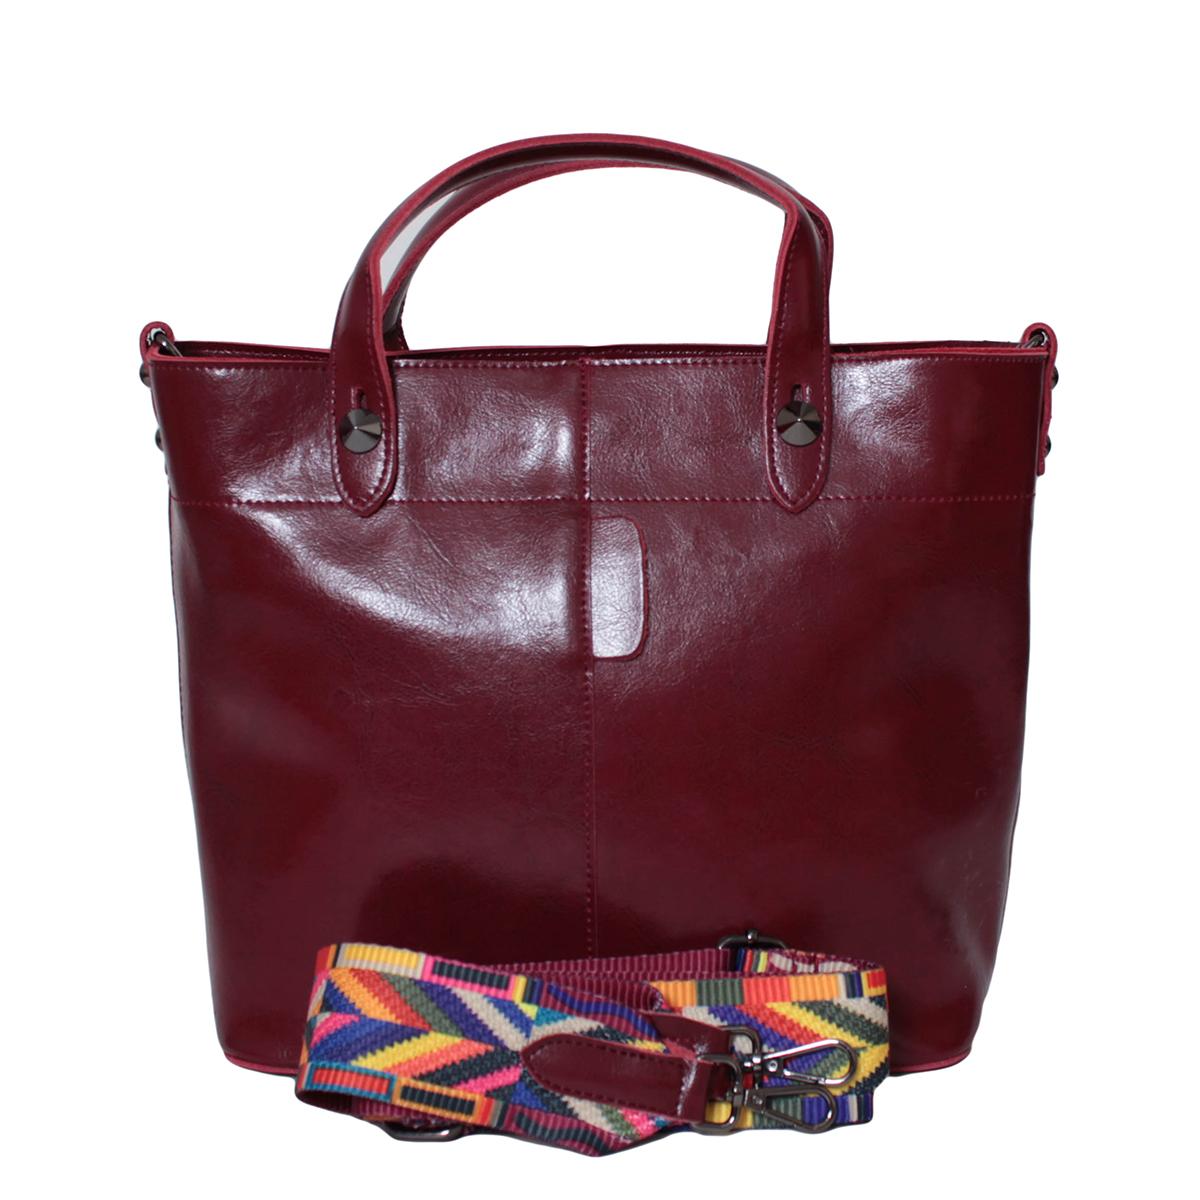 Сумка женская Flioraj, цвет: красный. 0005299300052993Закрывается на молнию. Внутри два отделения, два кармана на молнии, два для мобильного телефона. В комплекте длинный ремень. Высота ручек 10 см.